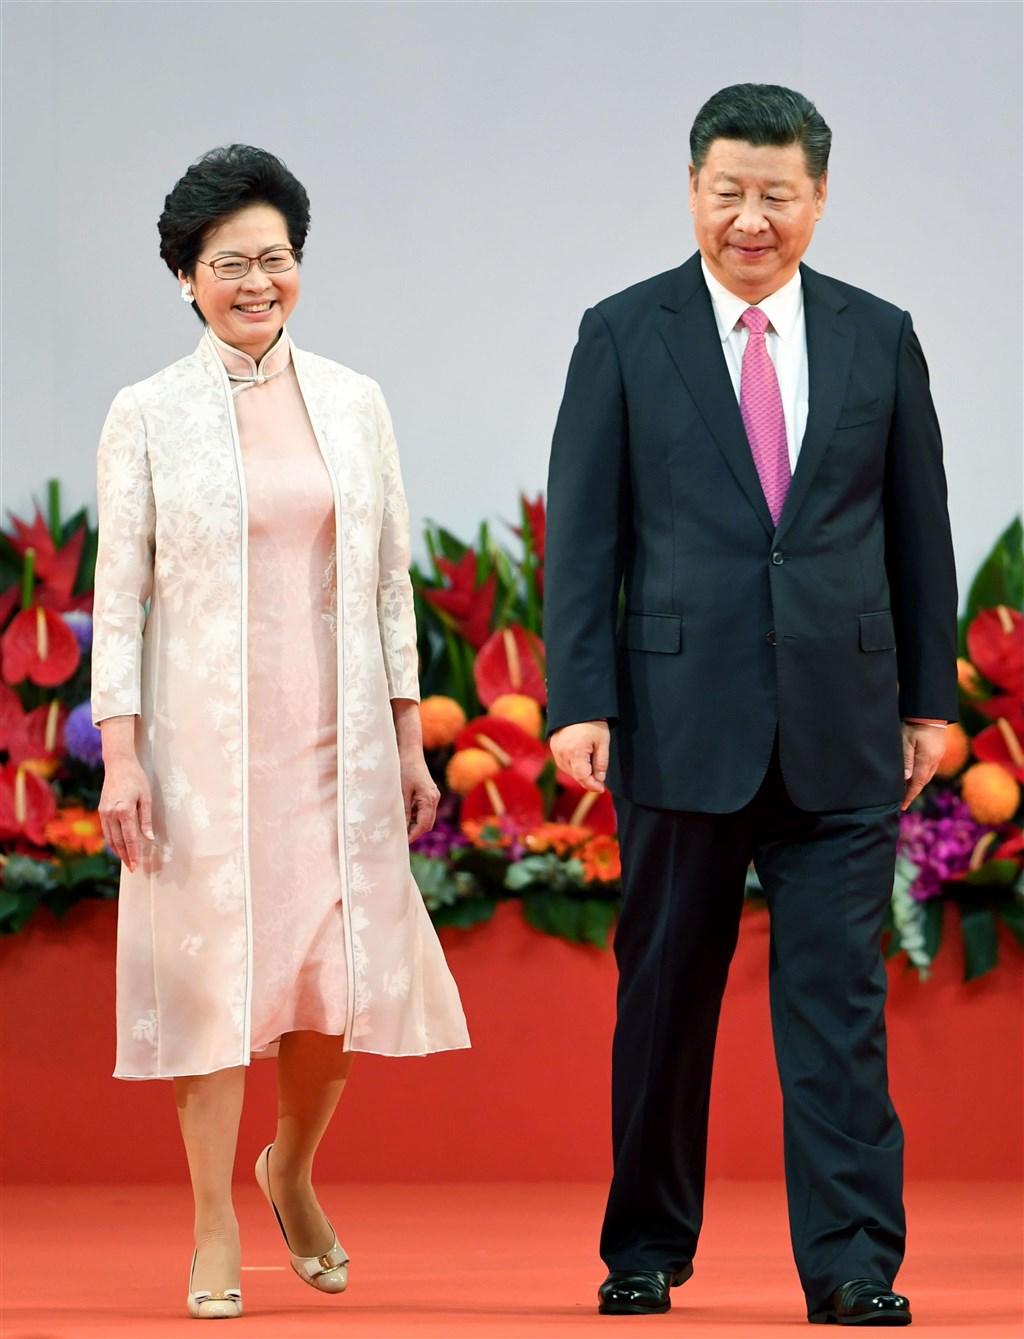 香港特首林鄭月娥(左)15日宣布暫緩修訂逃犯條例,紐約時報分析,這是2012年習近平接任中共總書記以來,中國政府在單一政治議題上所做最大讓步。(檔案照片/共同社提供)